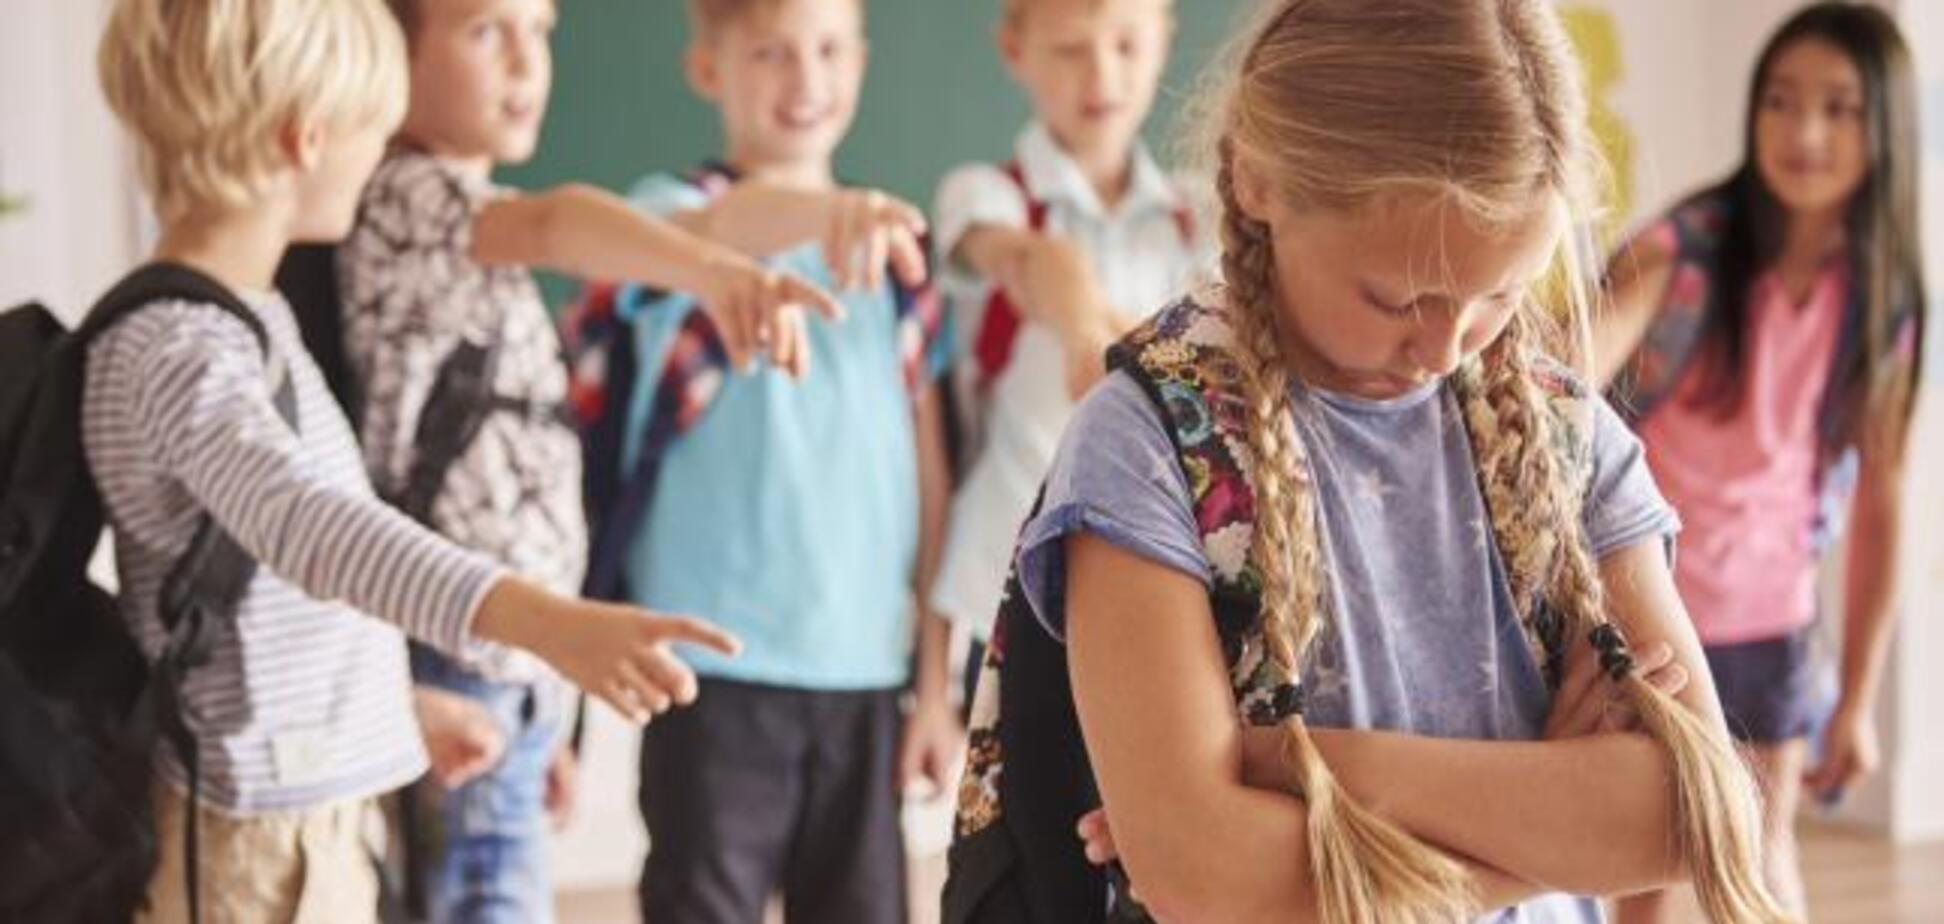 Які діти найчастіше піддаються булінгу?